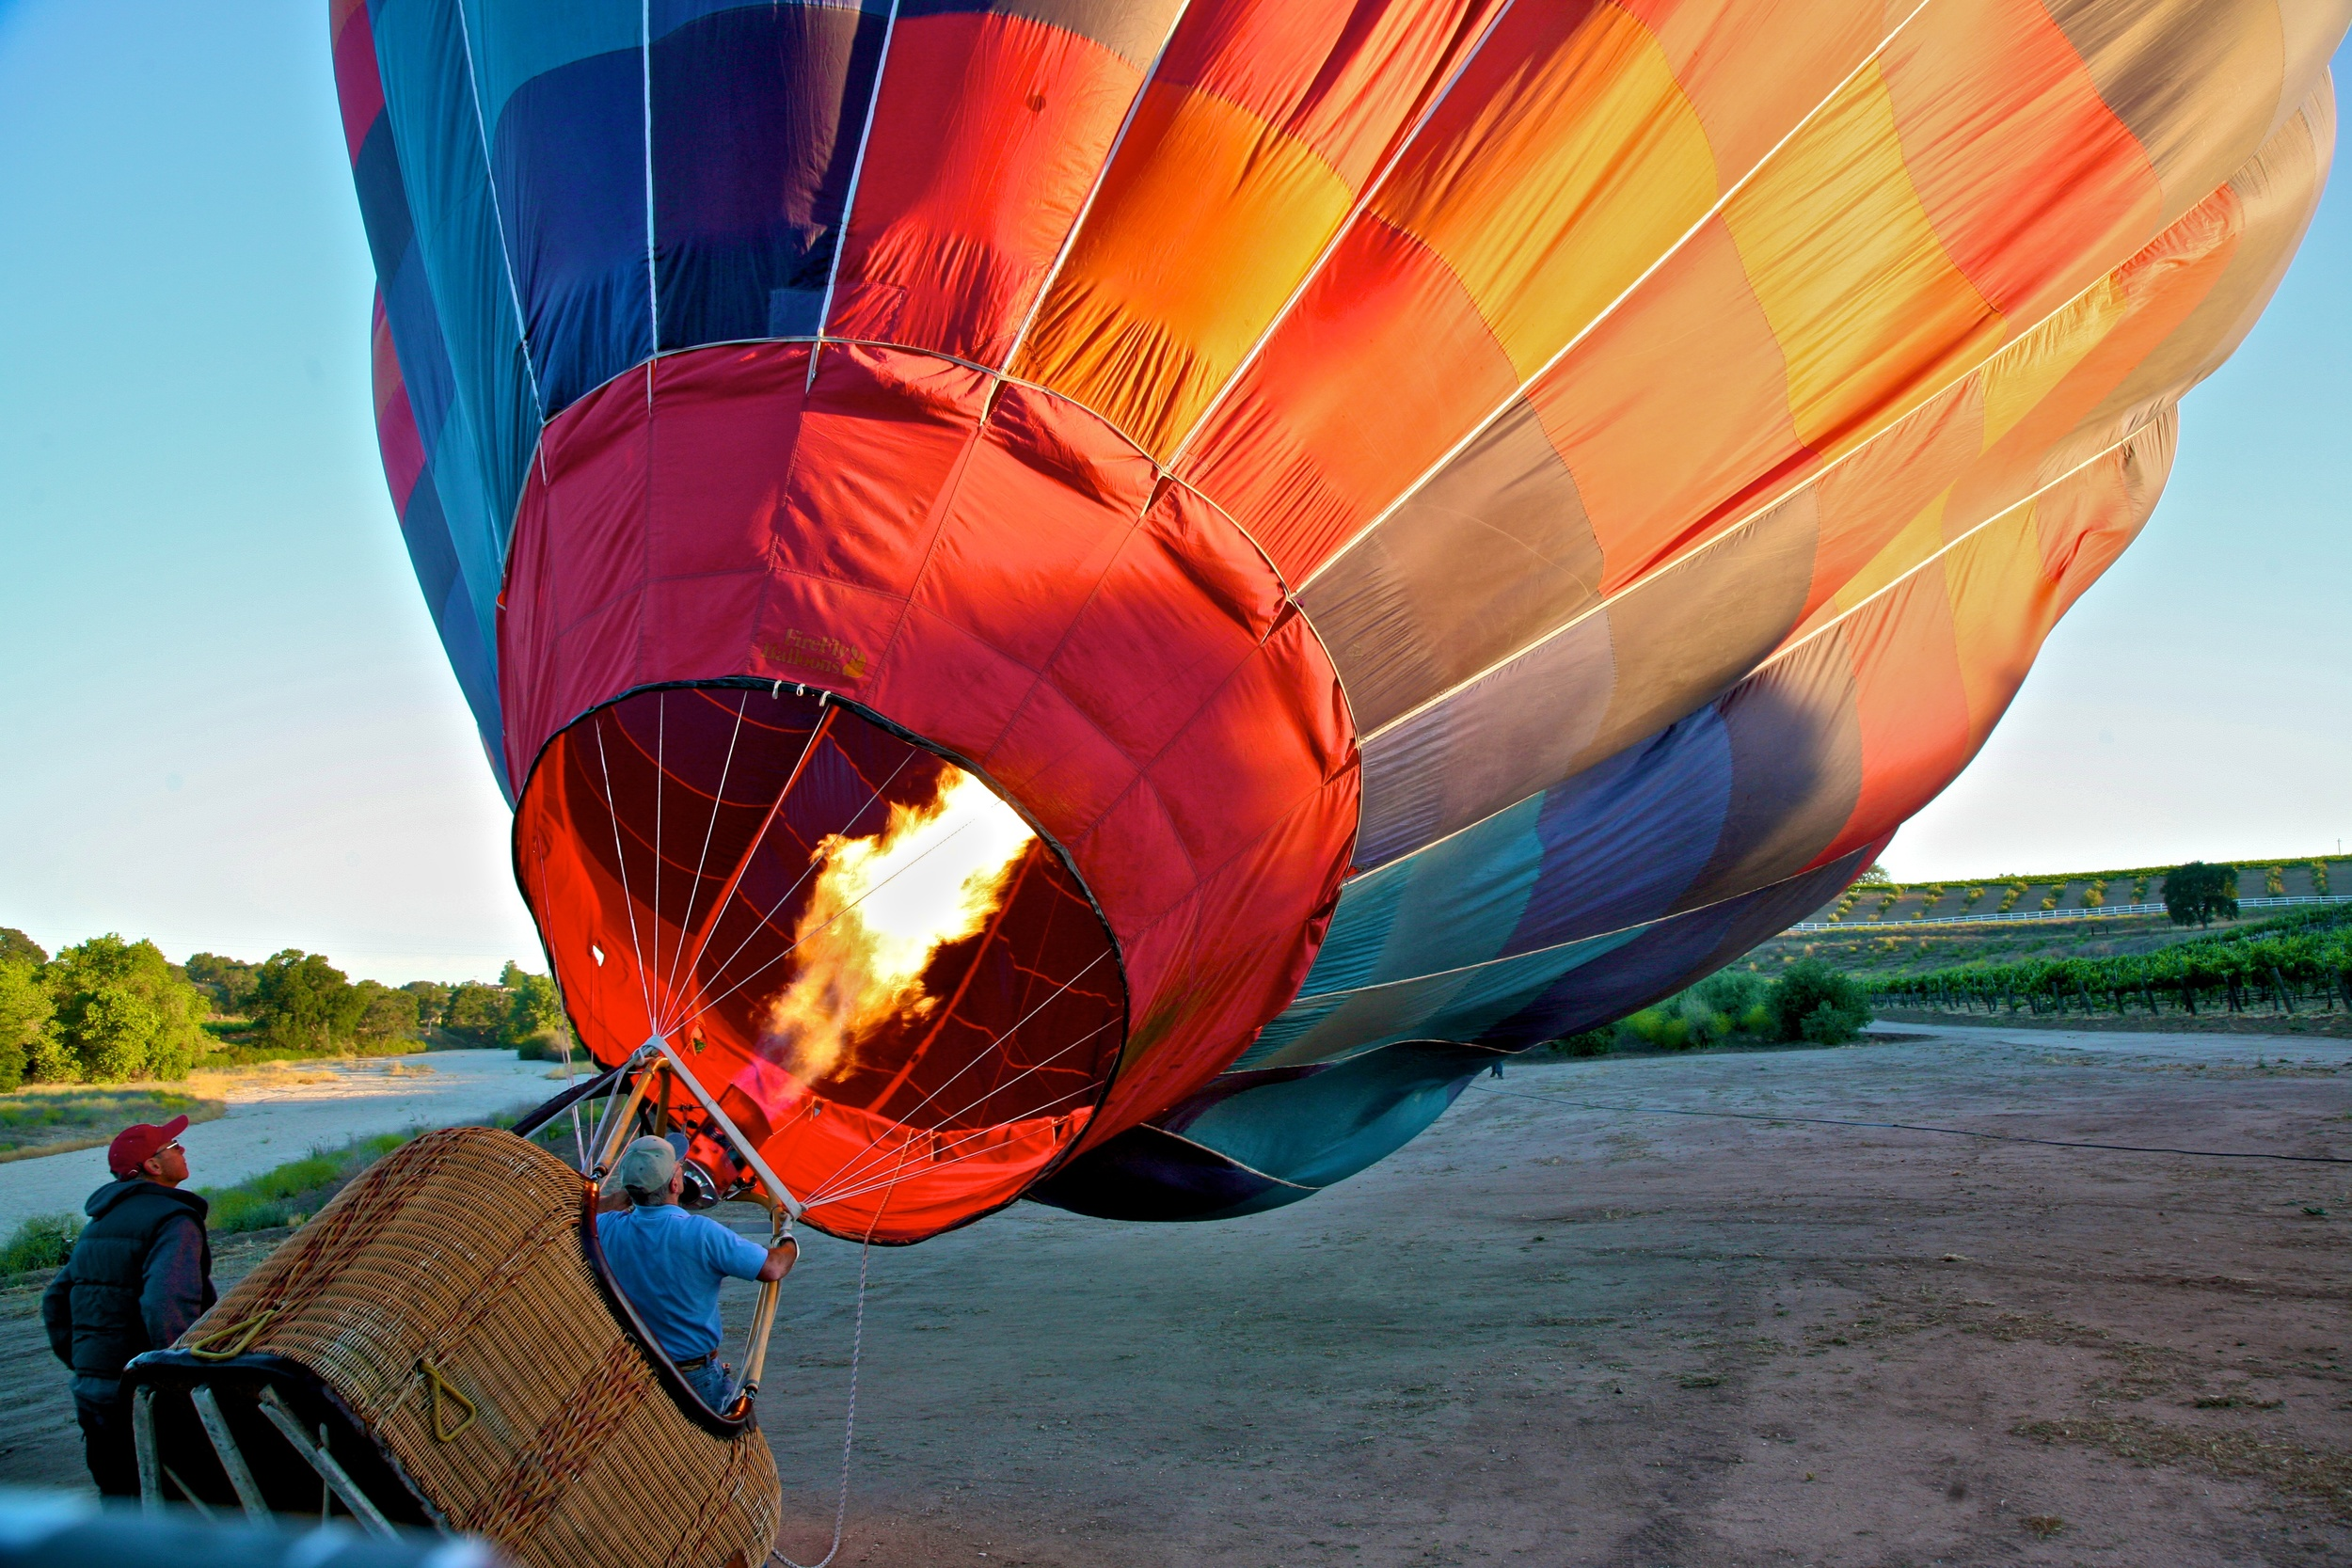 balloon-fire-best.jpg